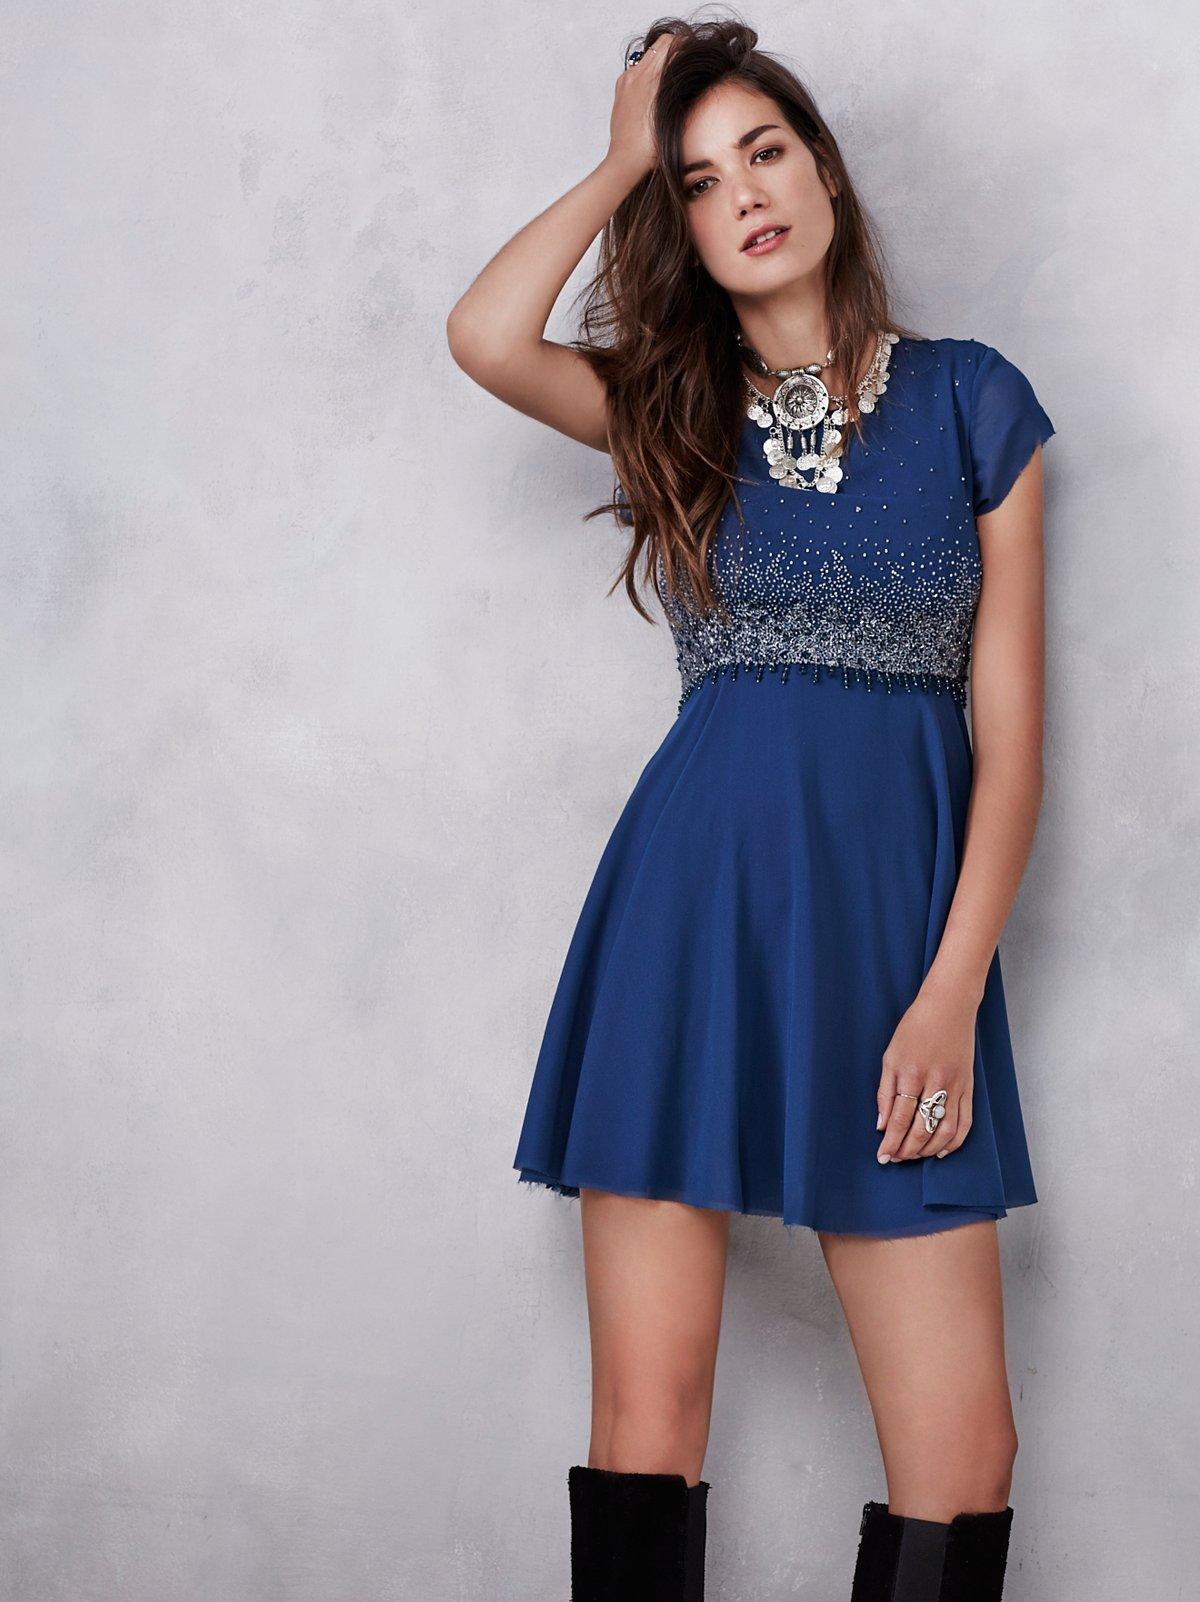 Glitter Rock洋娃娃式连衣裙